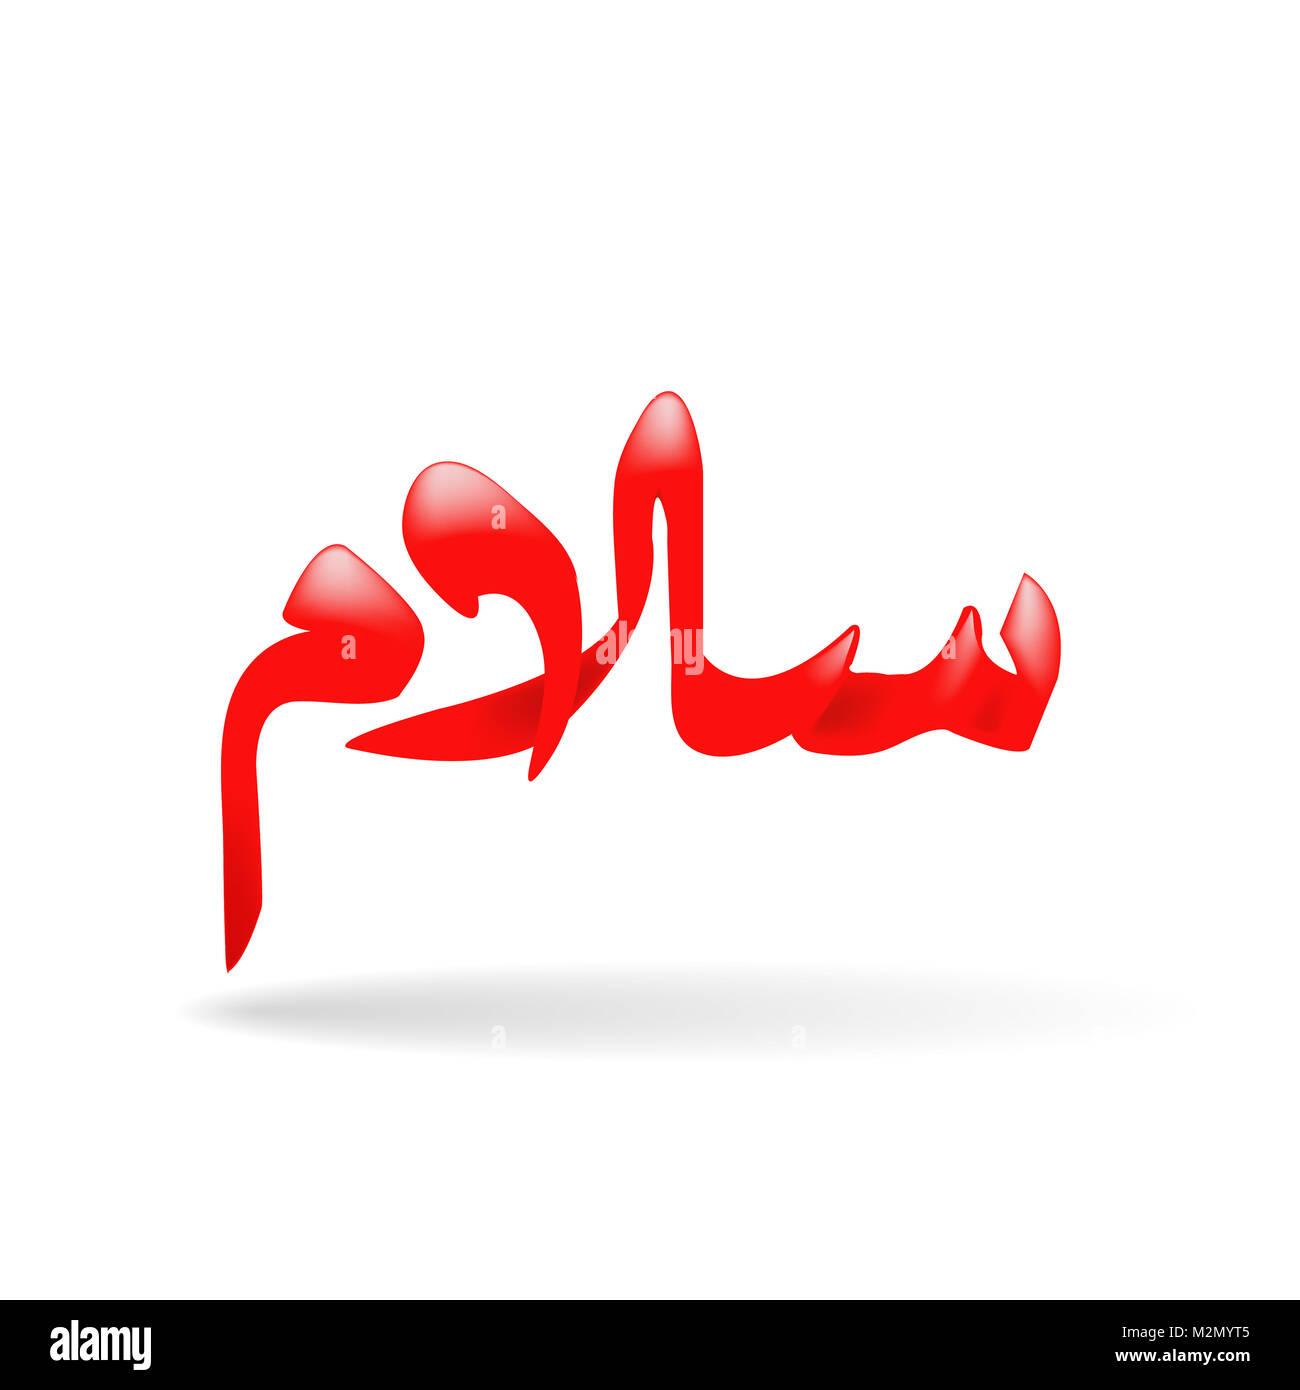 99 Names Of Allah Stock Photos & 99 Names Of Allah Stock